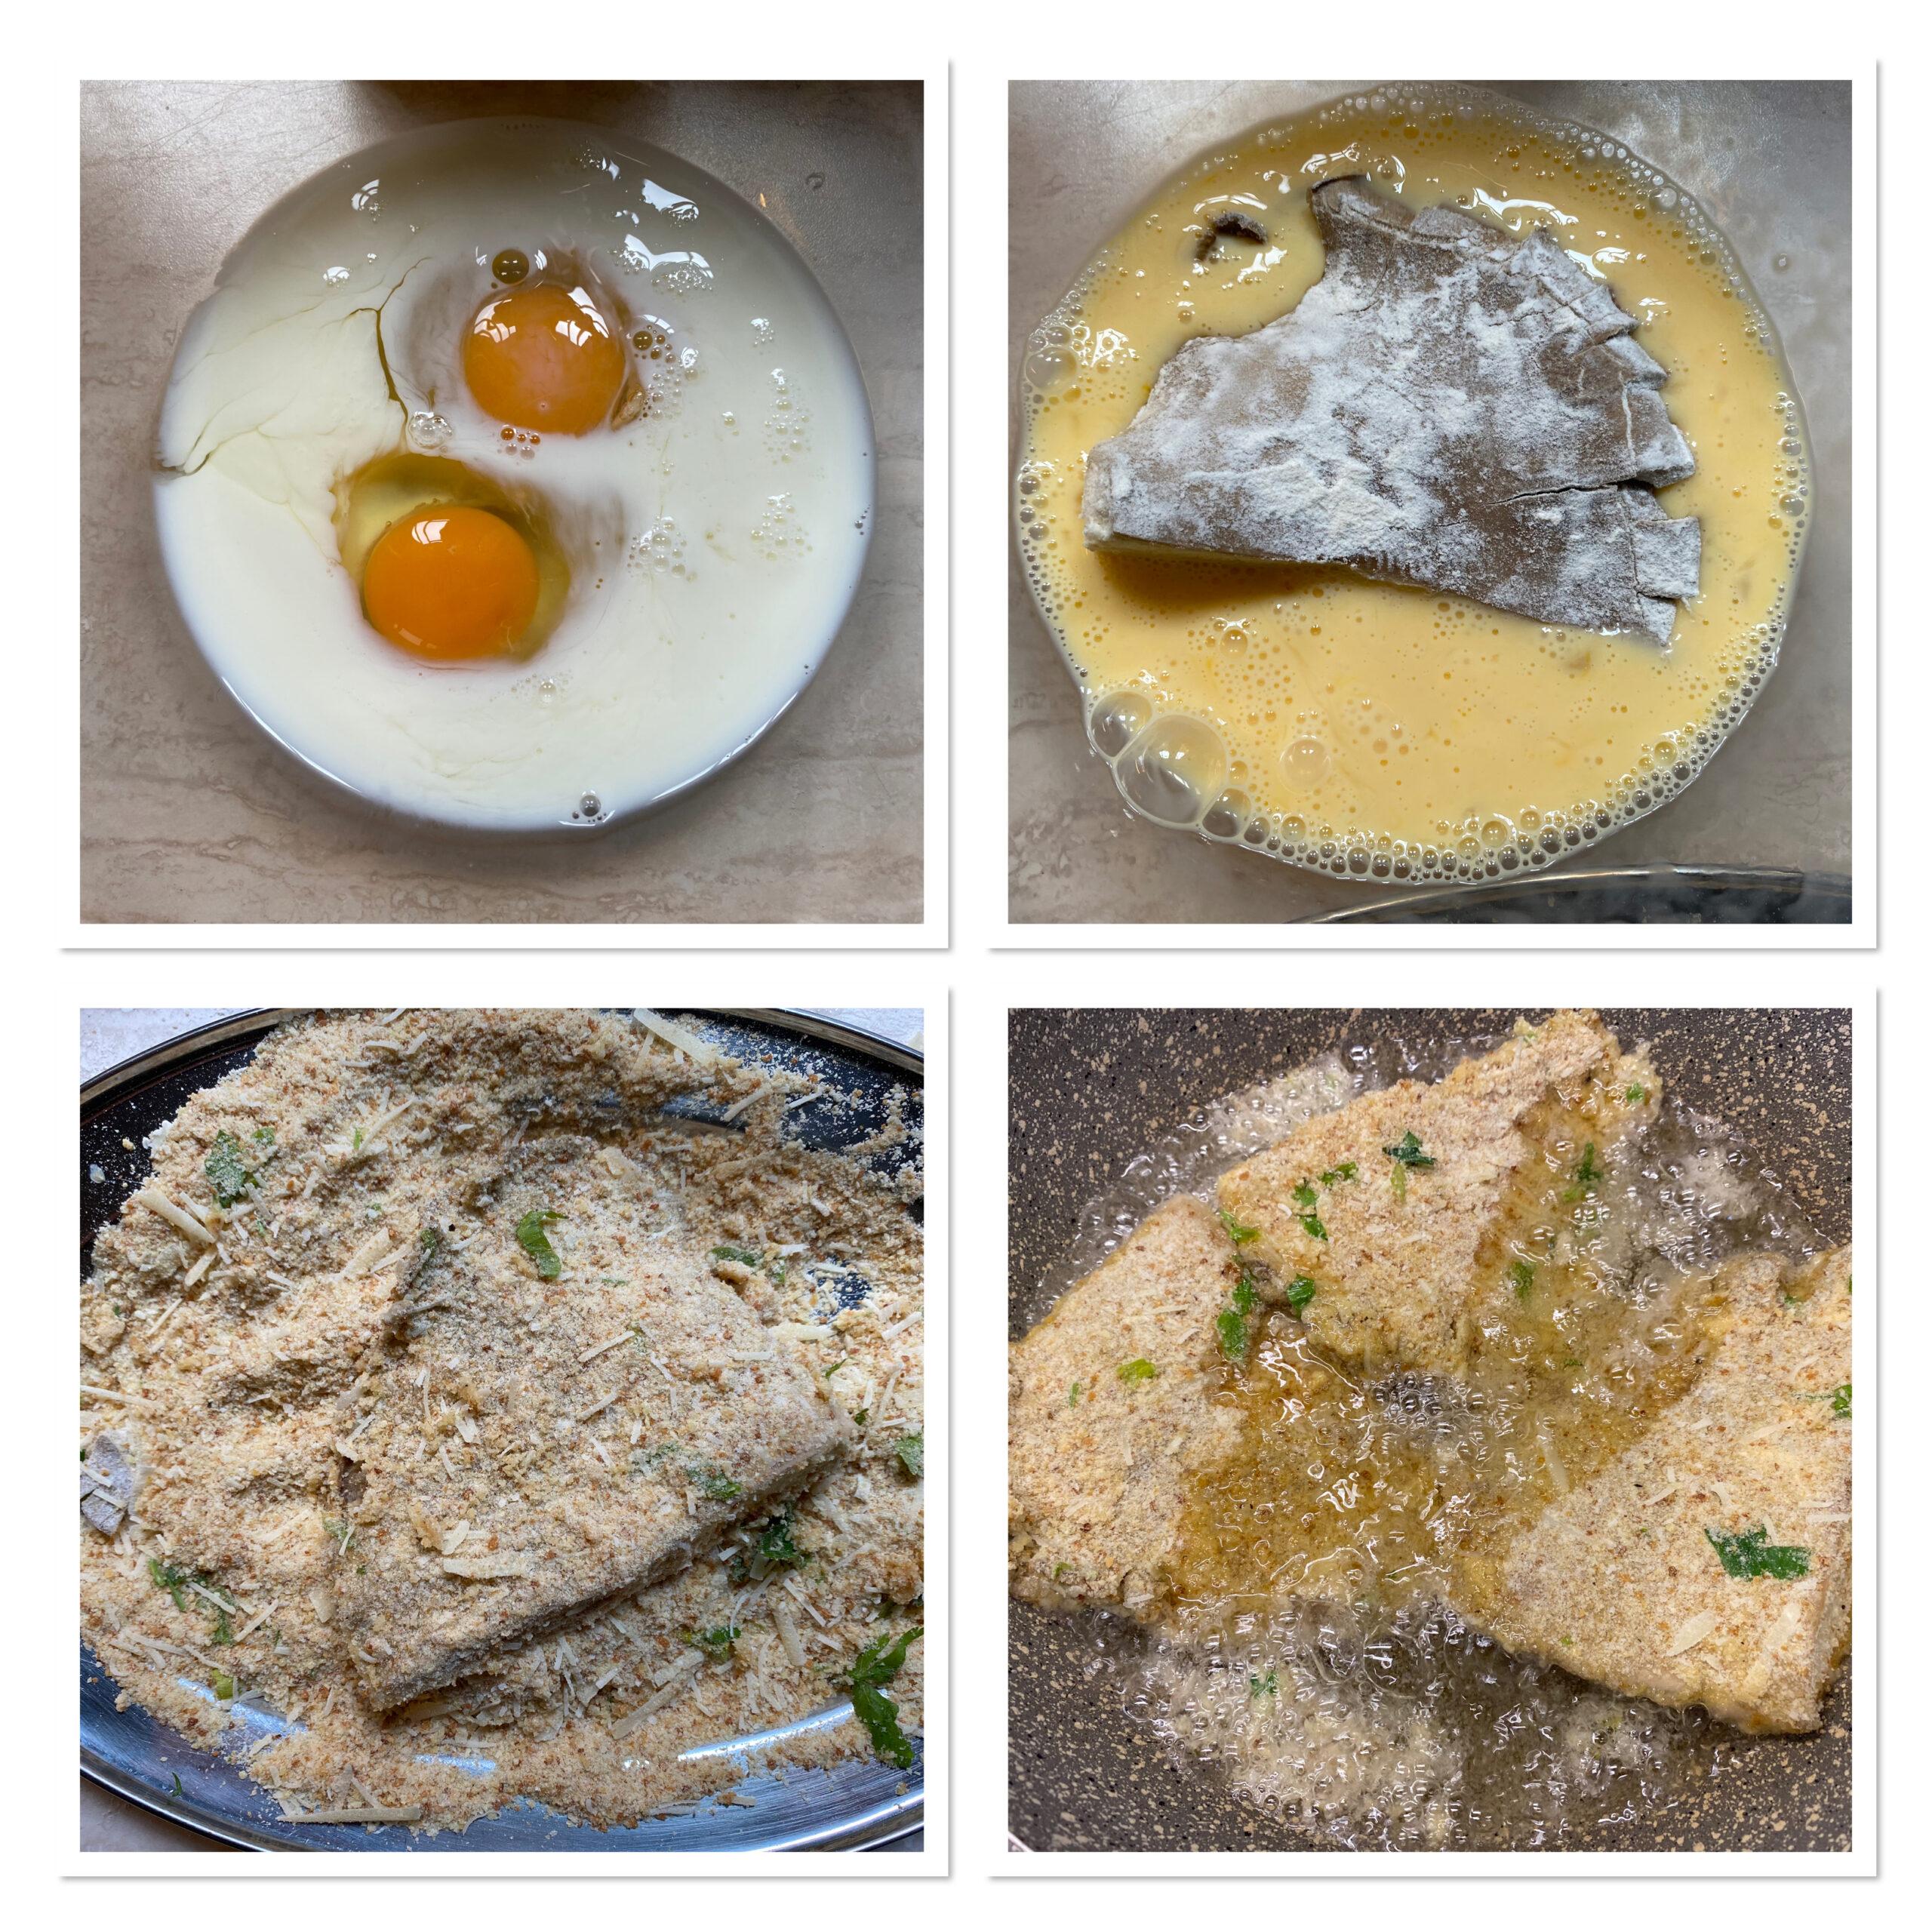 Cotolette di funghi pleurotus impanate e fritte